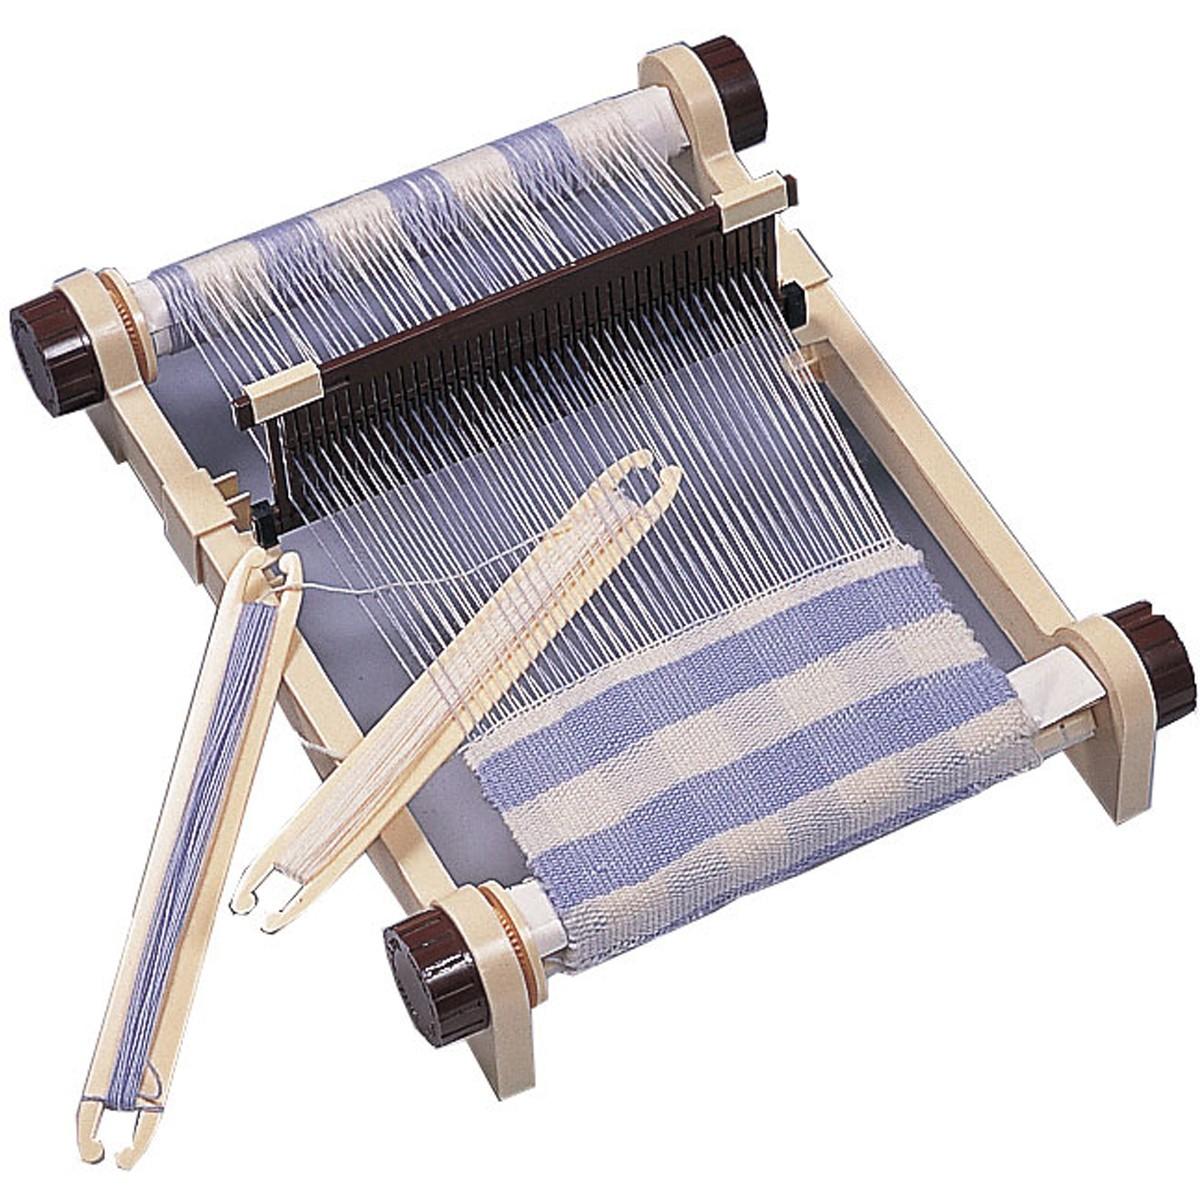 工夫次第で広がるデザイン 5☆好評 卓上手織り機 買取 組立式 敬老の日 ギフト 手織り 織り機 プレゼント 織物 機織り